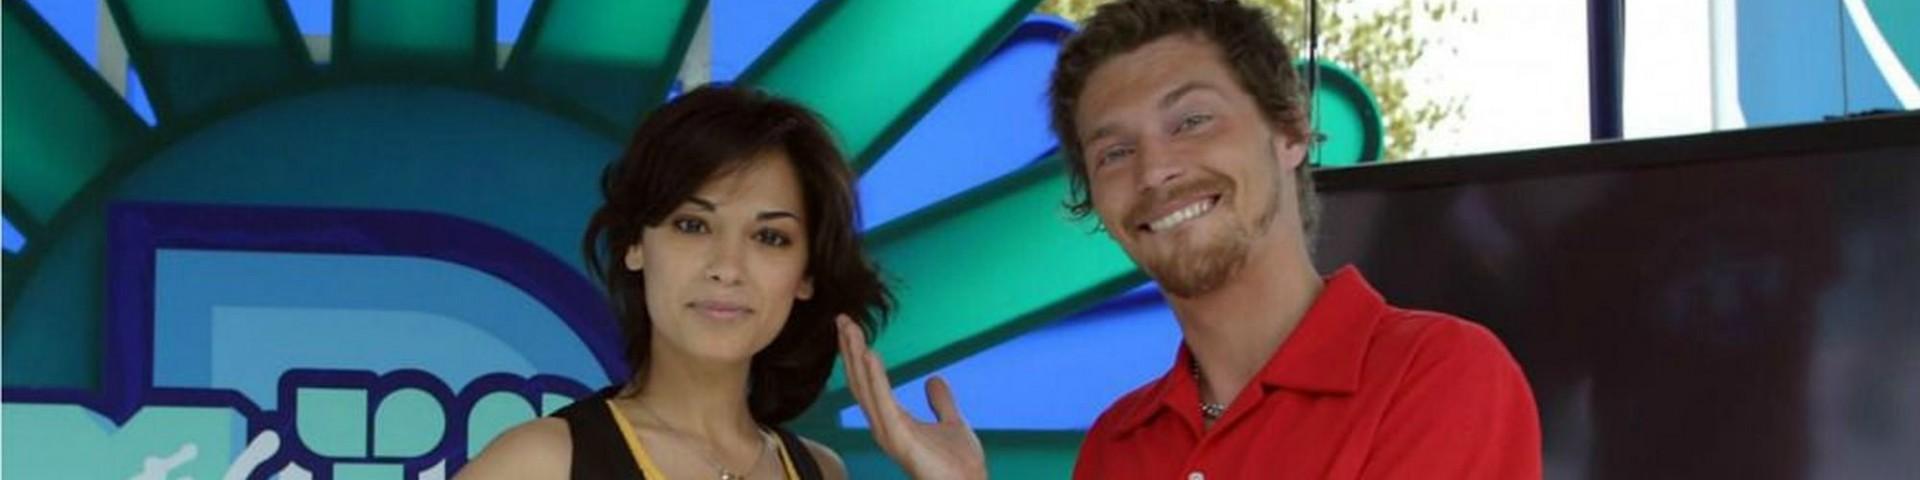 20 anni di TRL: i ricordi dei fan del programma storico di MTV